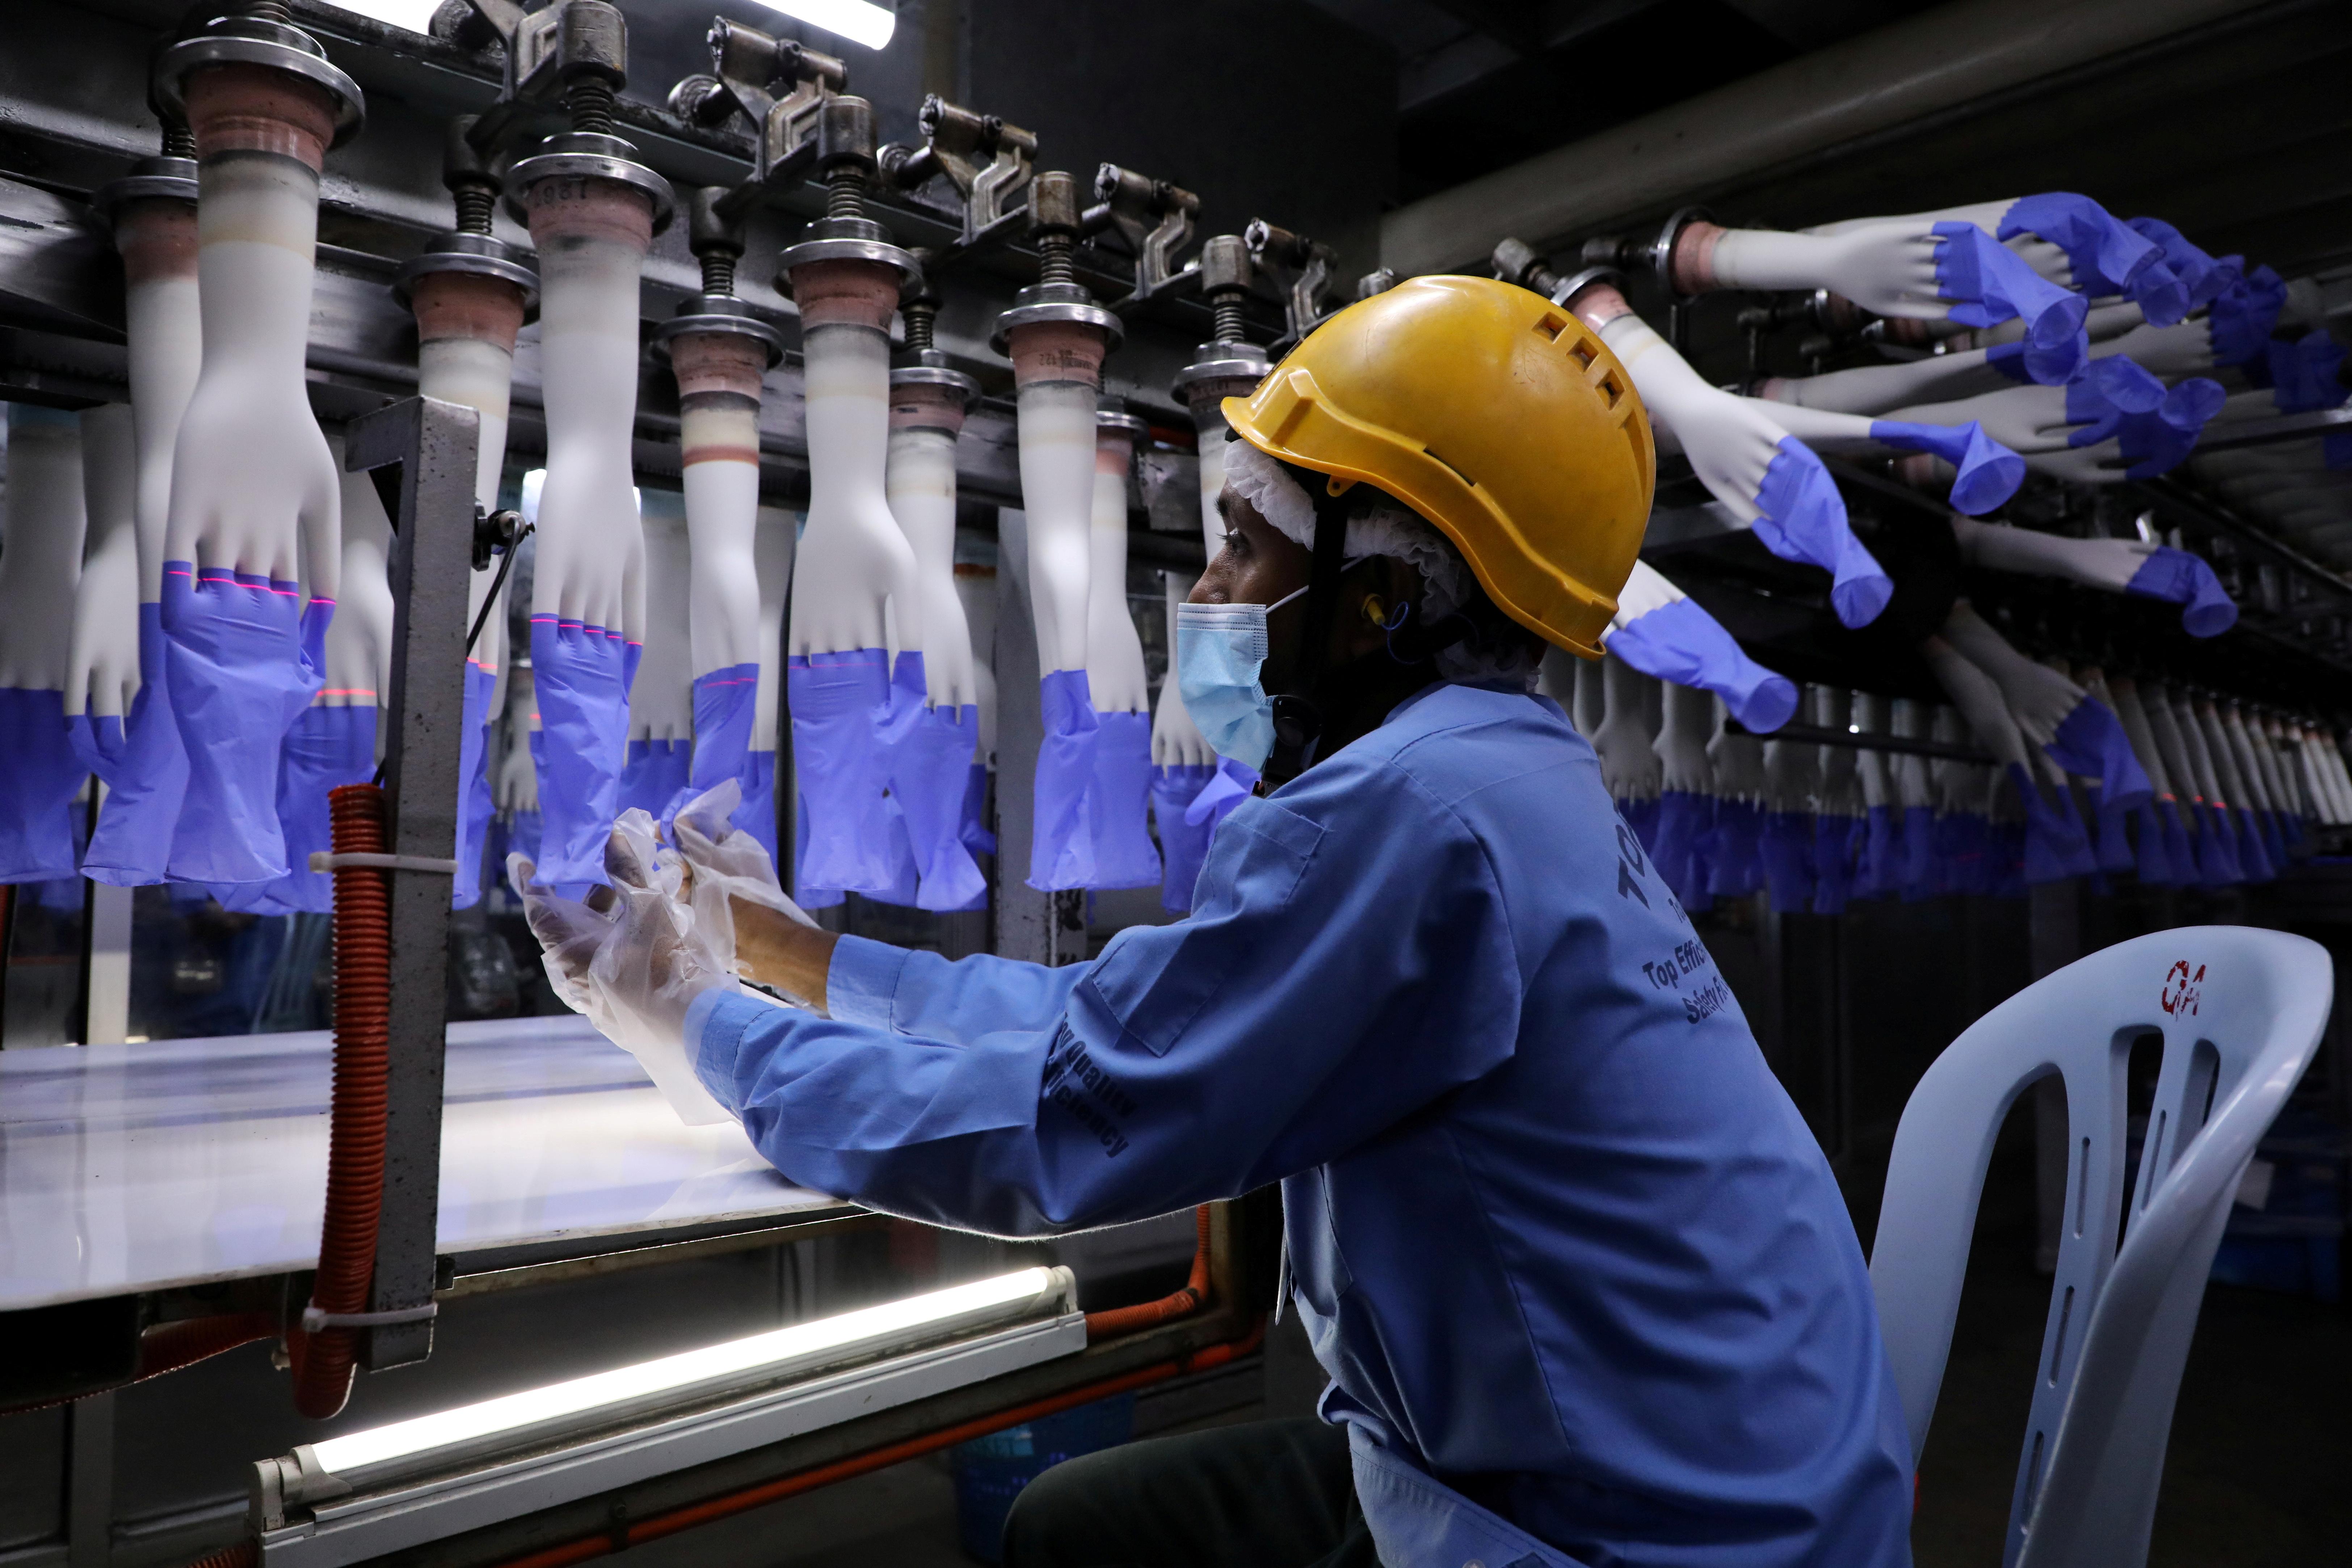 2020년 8월 26일 말레이시아 샤알람의 탑 글로브 공장에서 한 작업자가 새로 만든 장갑을 검사하고 있습니다. REUTERS/Lim Huey Teng/파일 사진